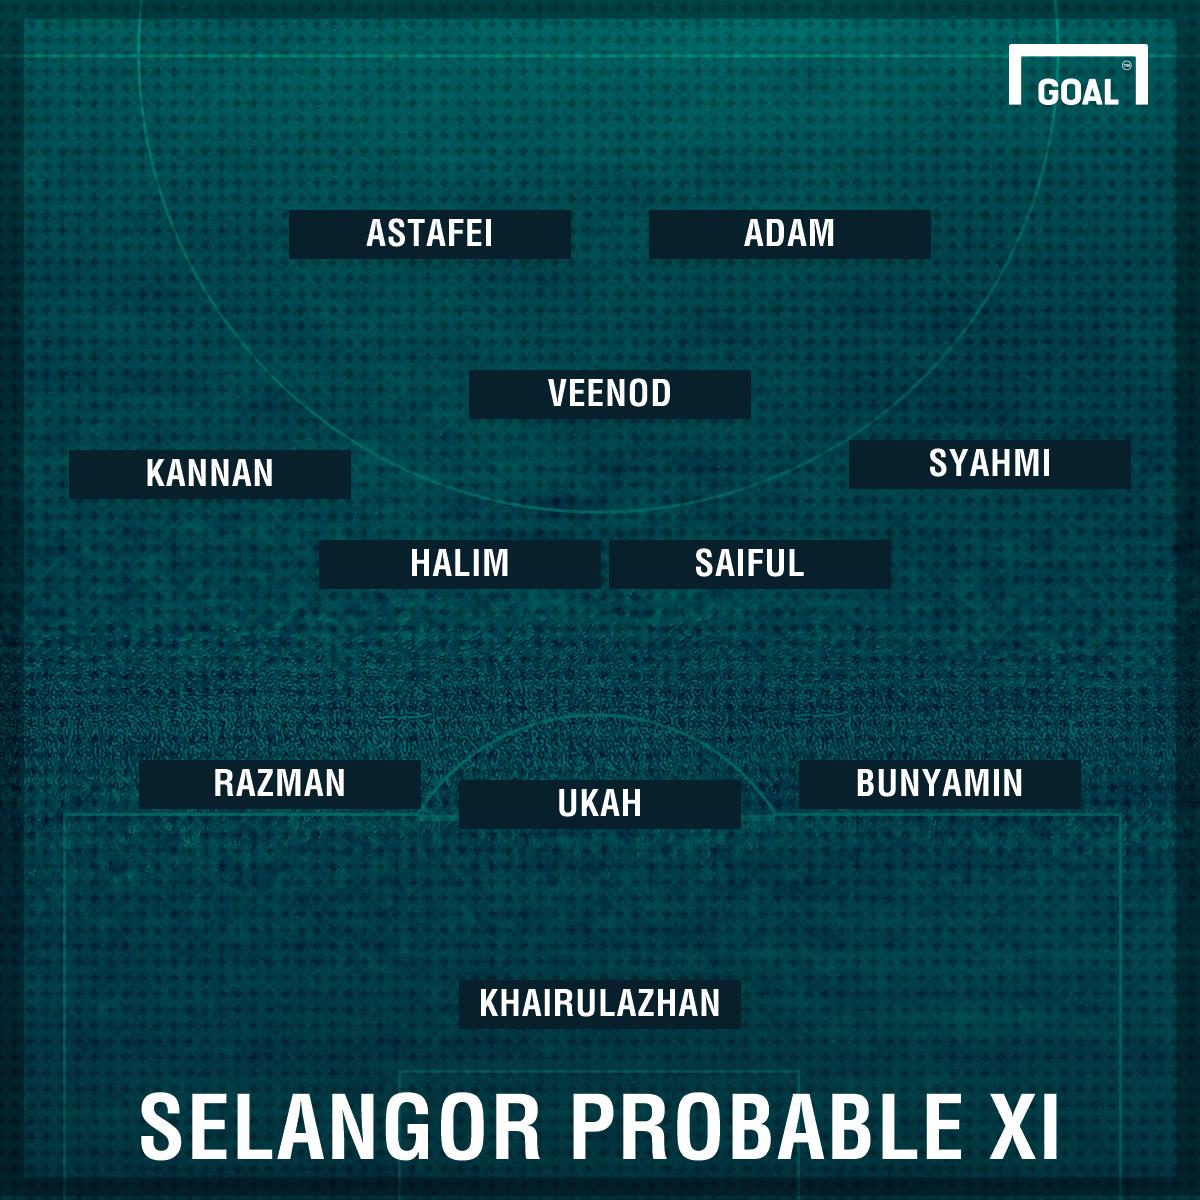 Selangor probable lineup against Sarawak